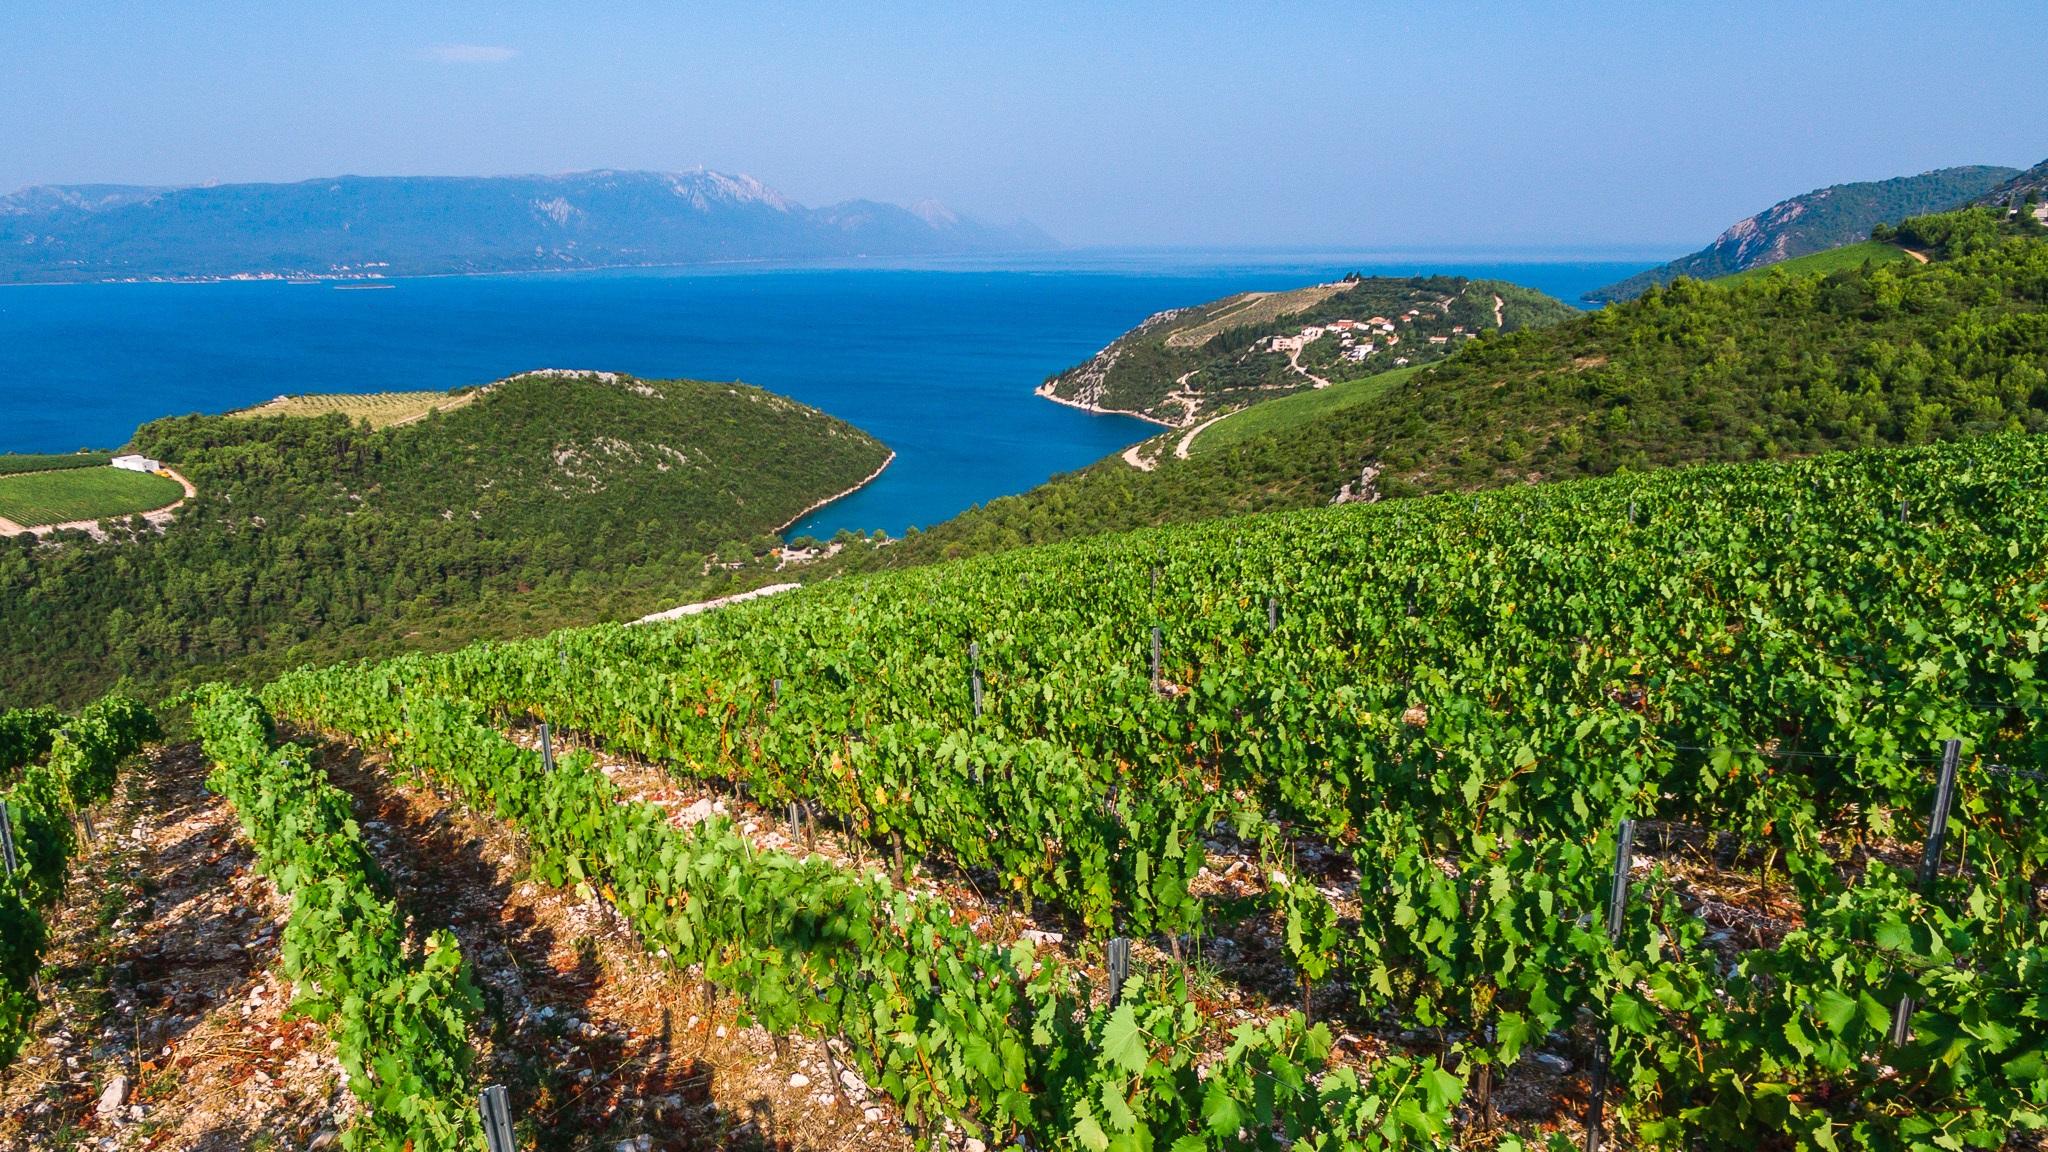 vinograd rizman - 014.jpg